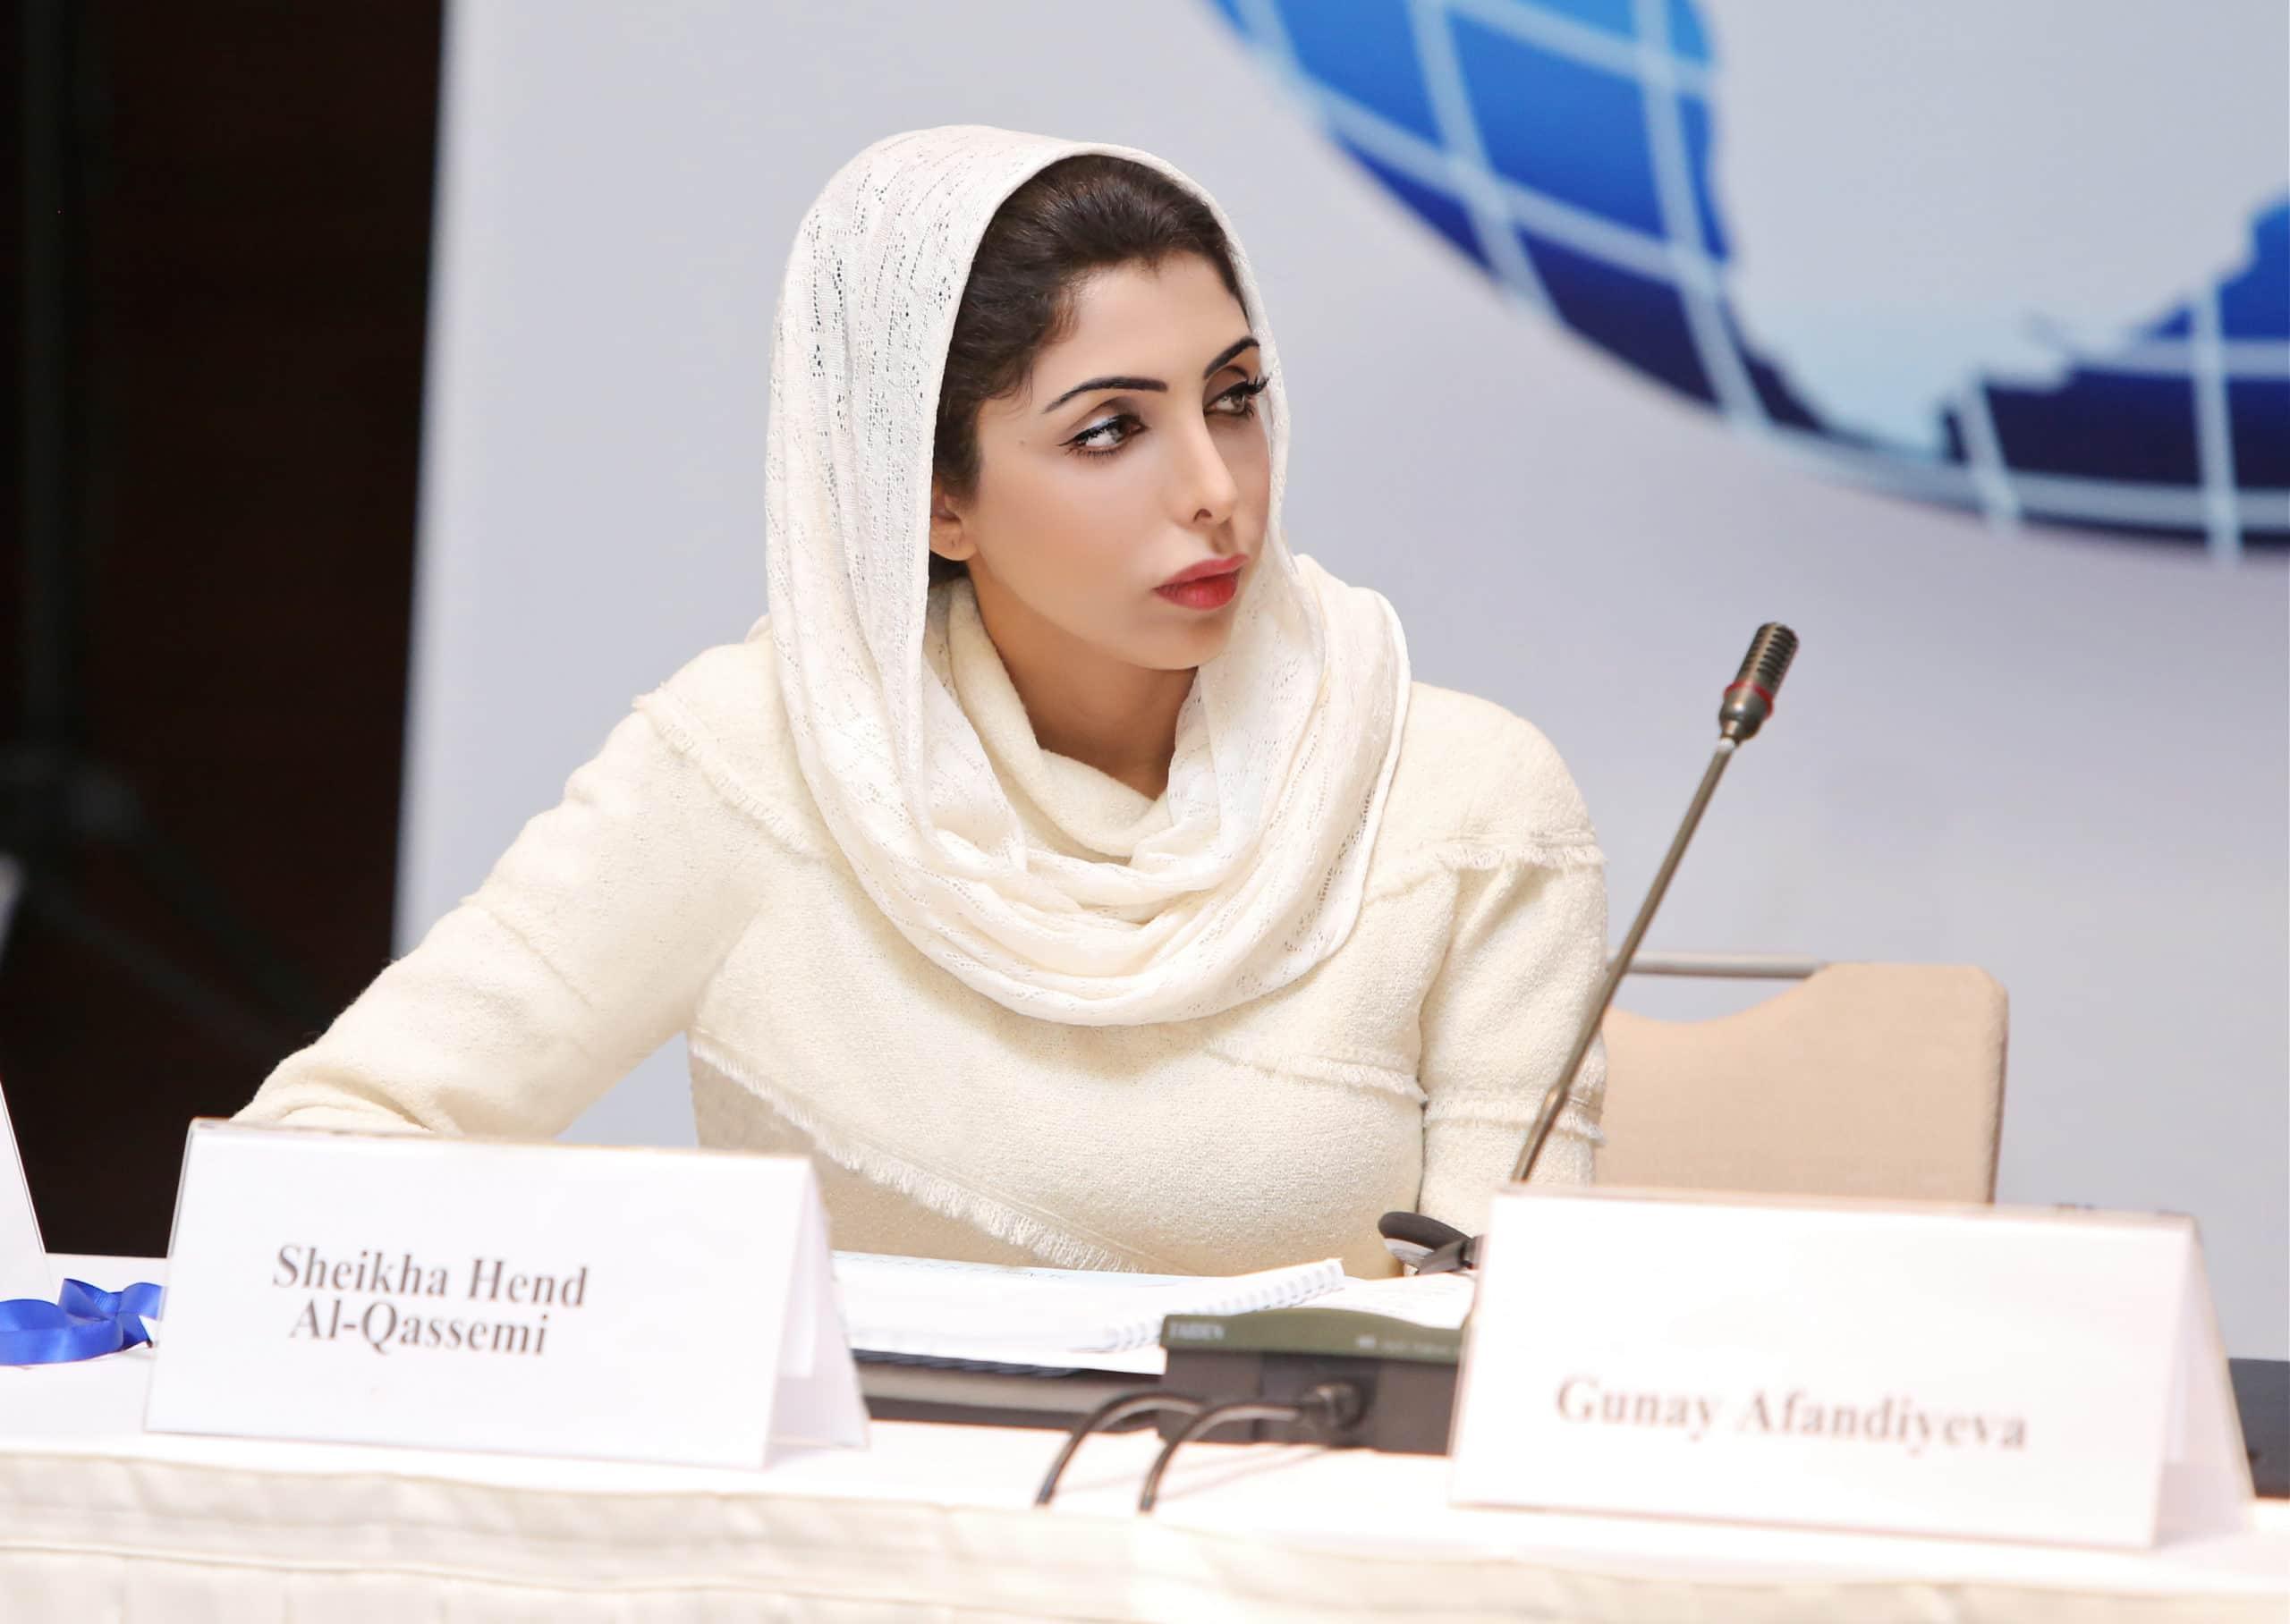 Sheikha Hend